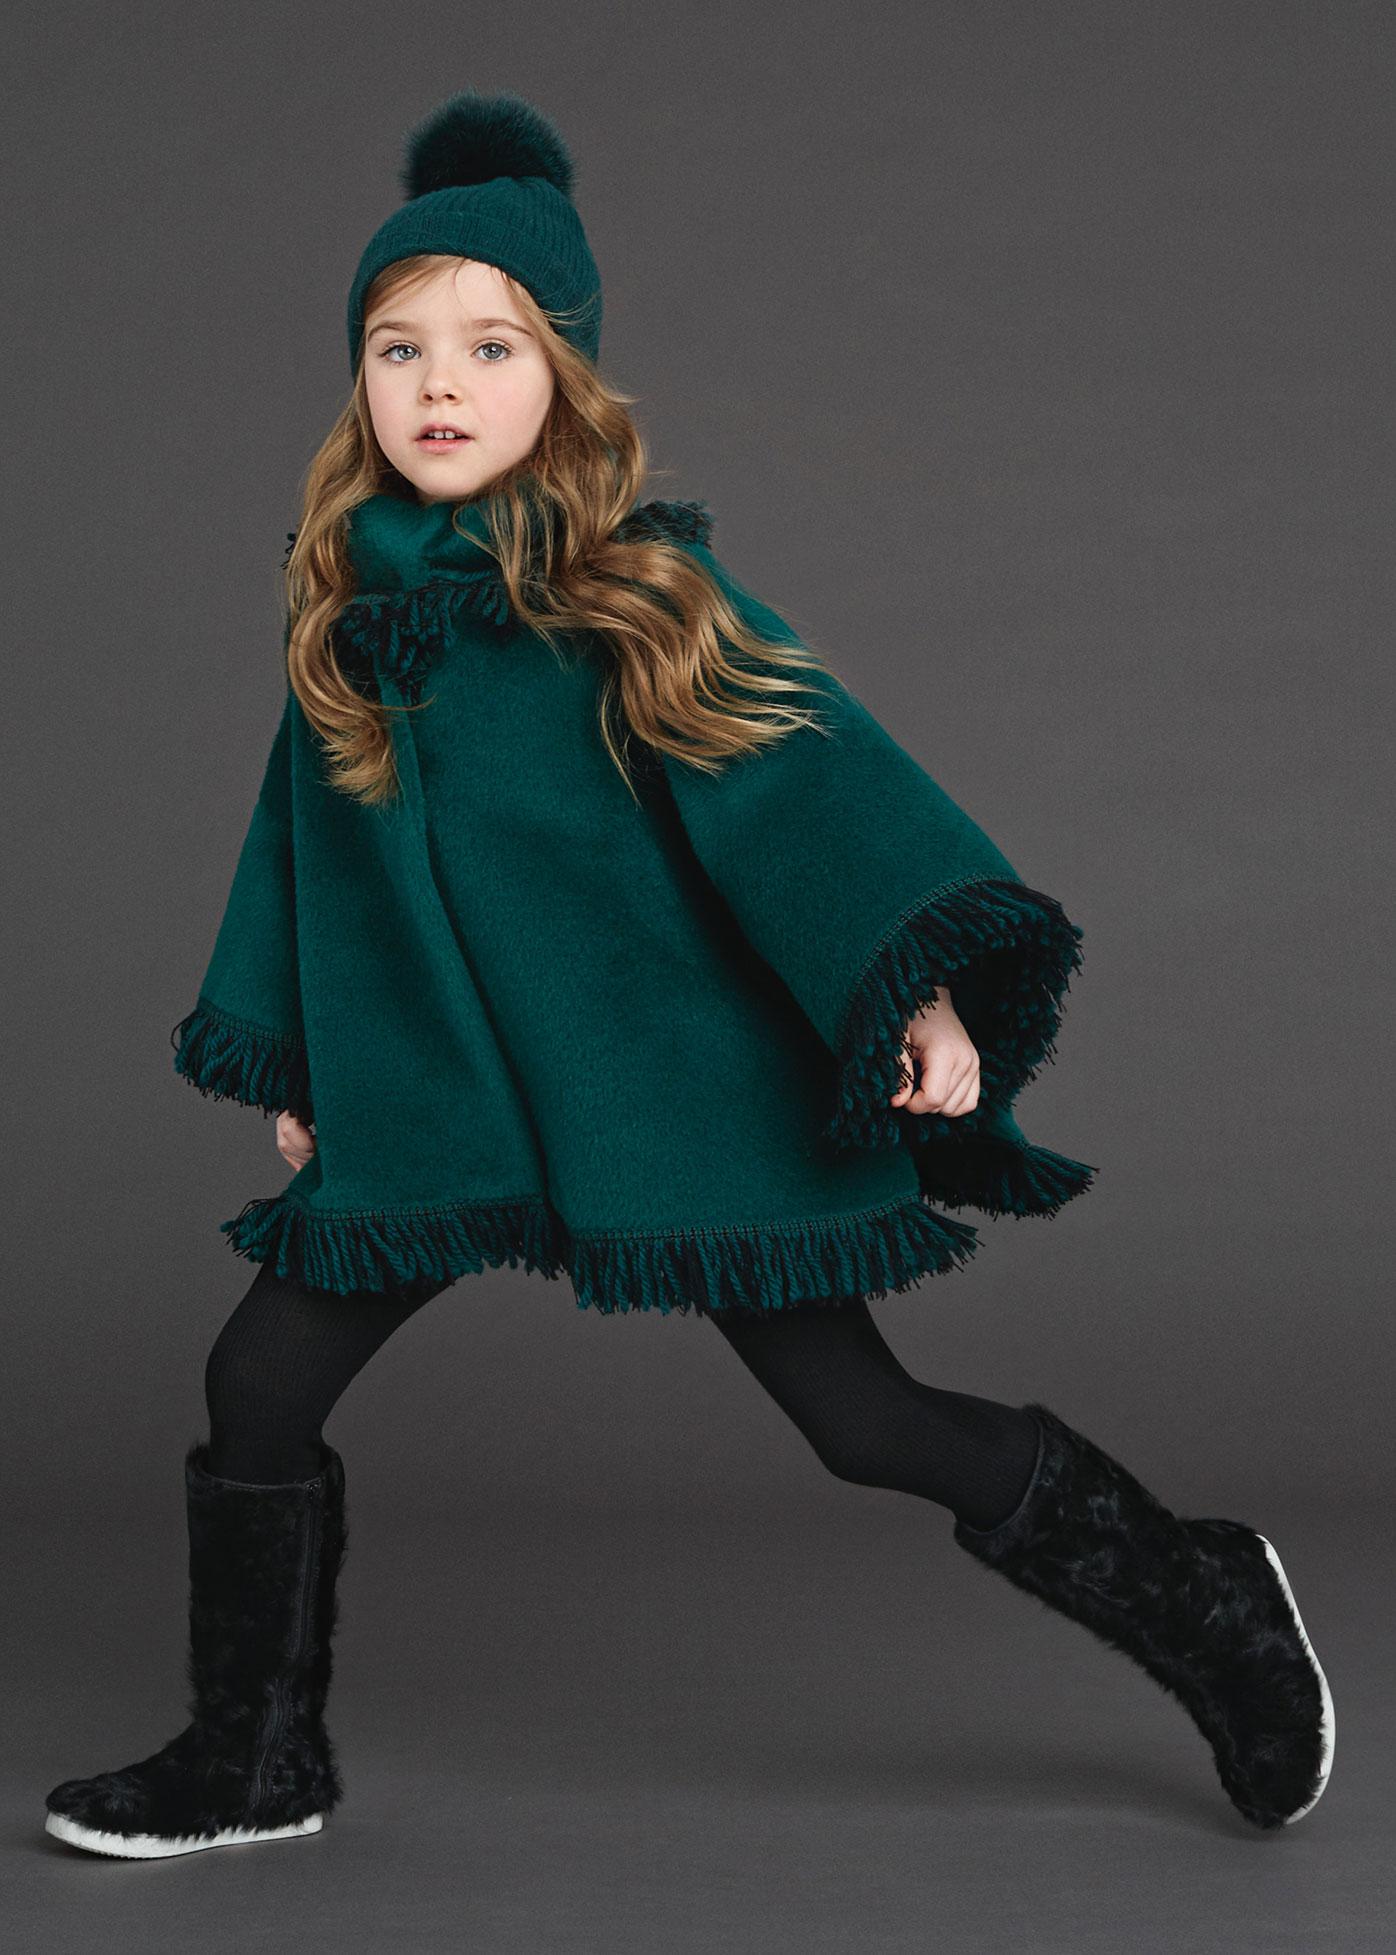 مدل لباس دختر بچه پاییز و زمستان 5